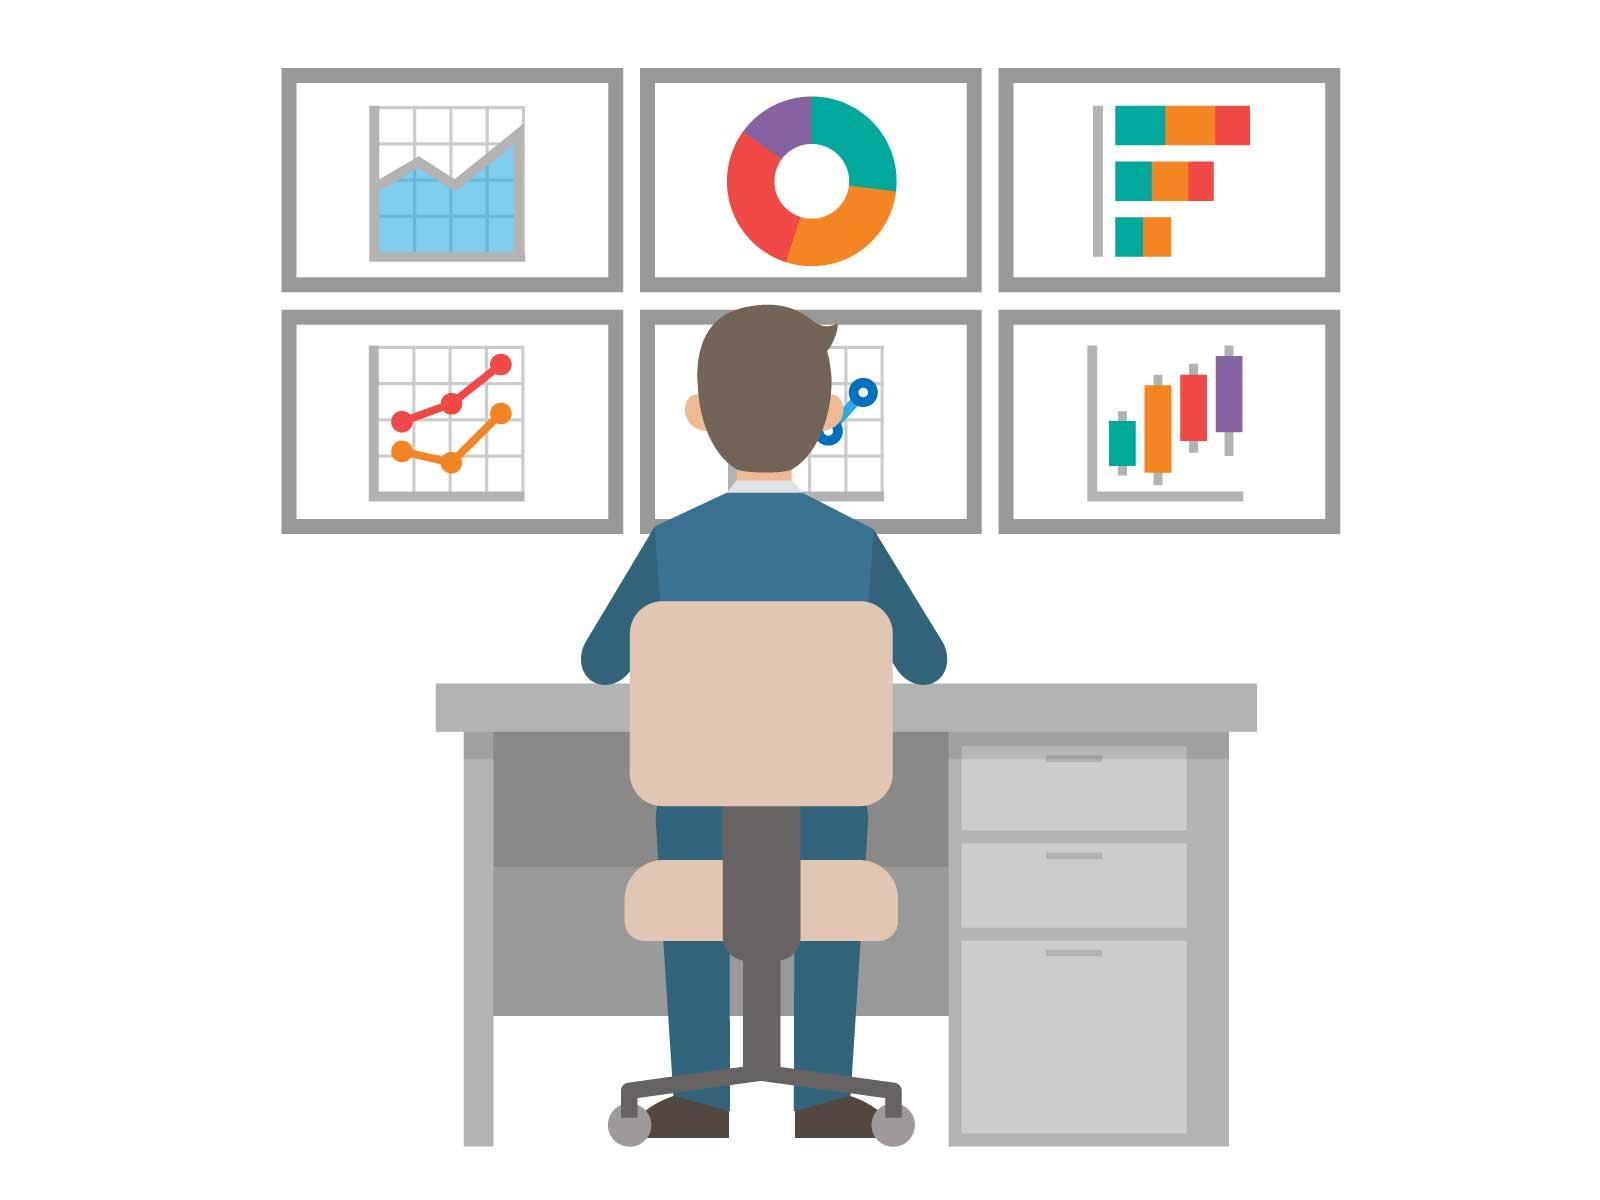 販売情報提供GLへの対応、4大卸も試行錯誤。審査・監督委やMSのモニタリングで